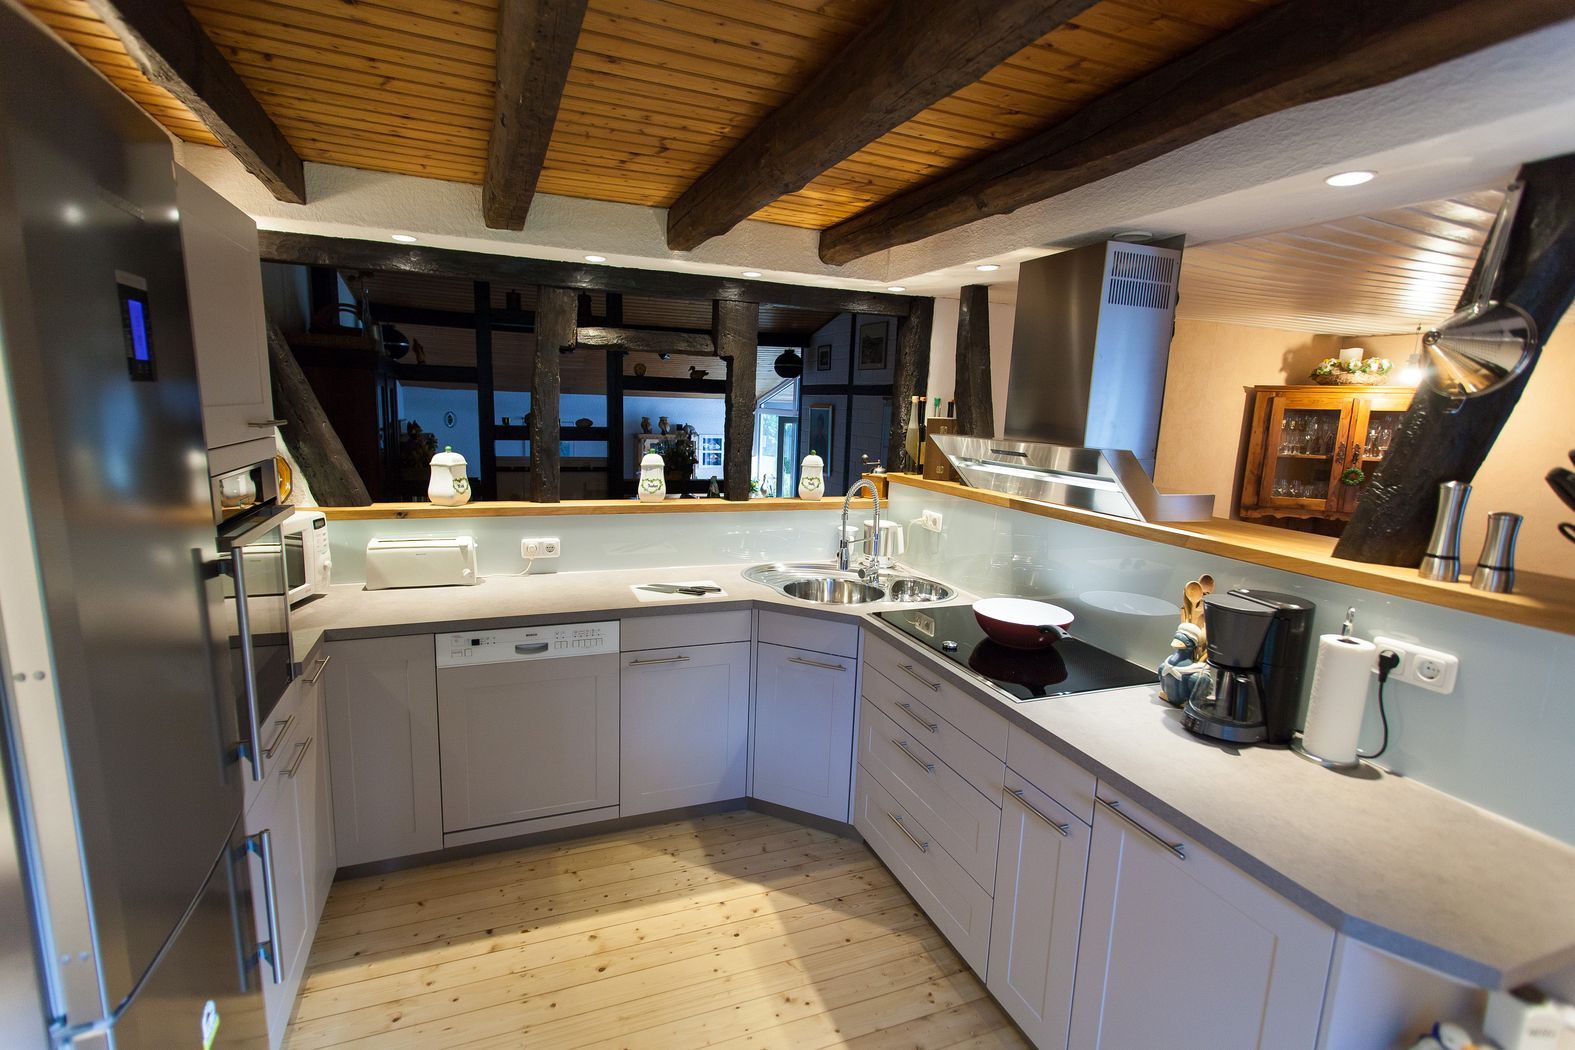 Moderne k che im 150 jahre alten fachwerk haus for Modernes haus landhausstil